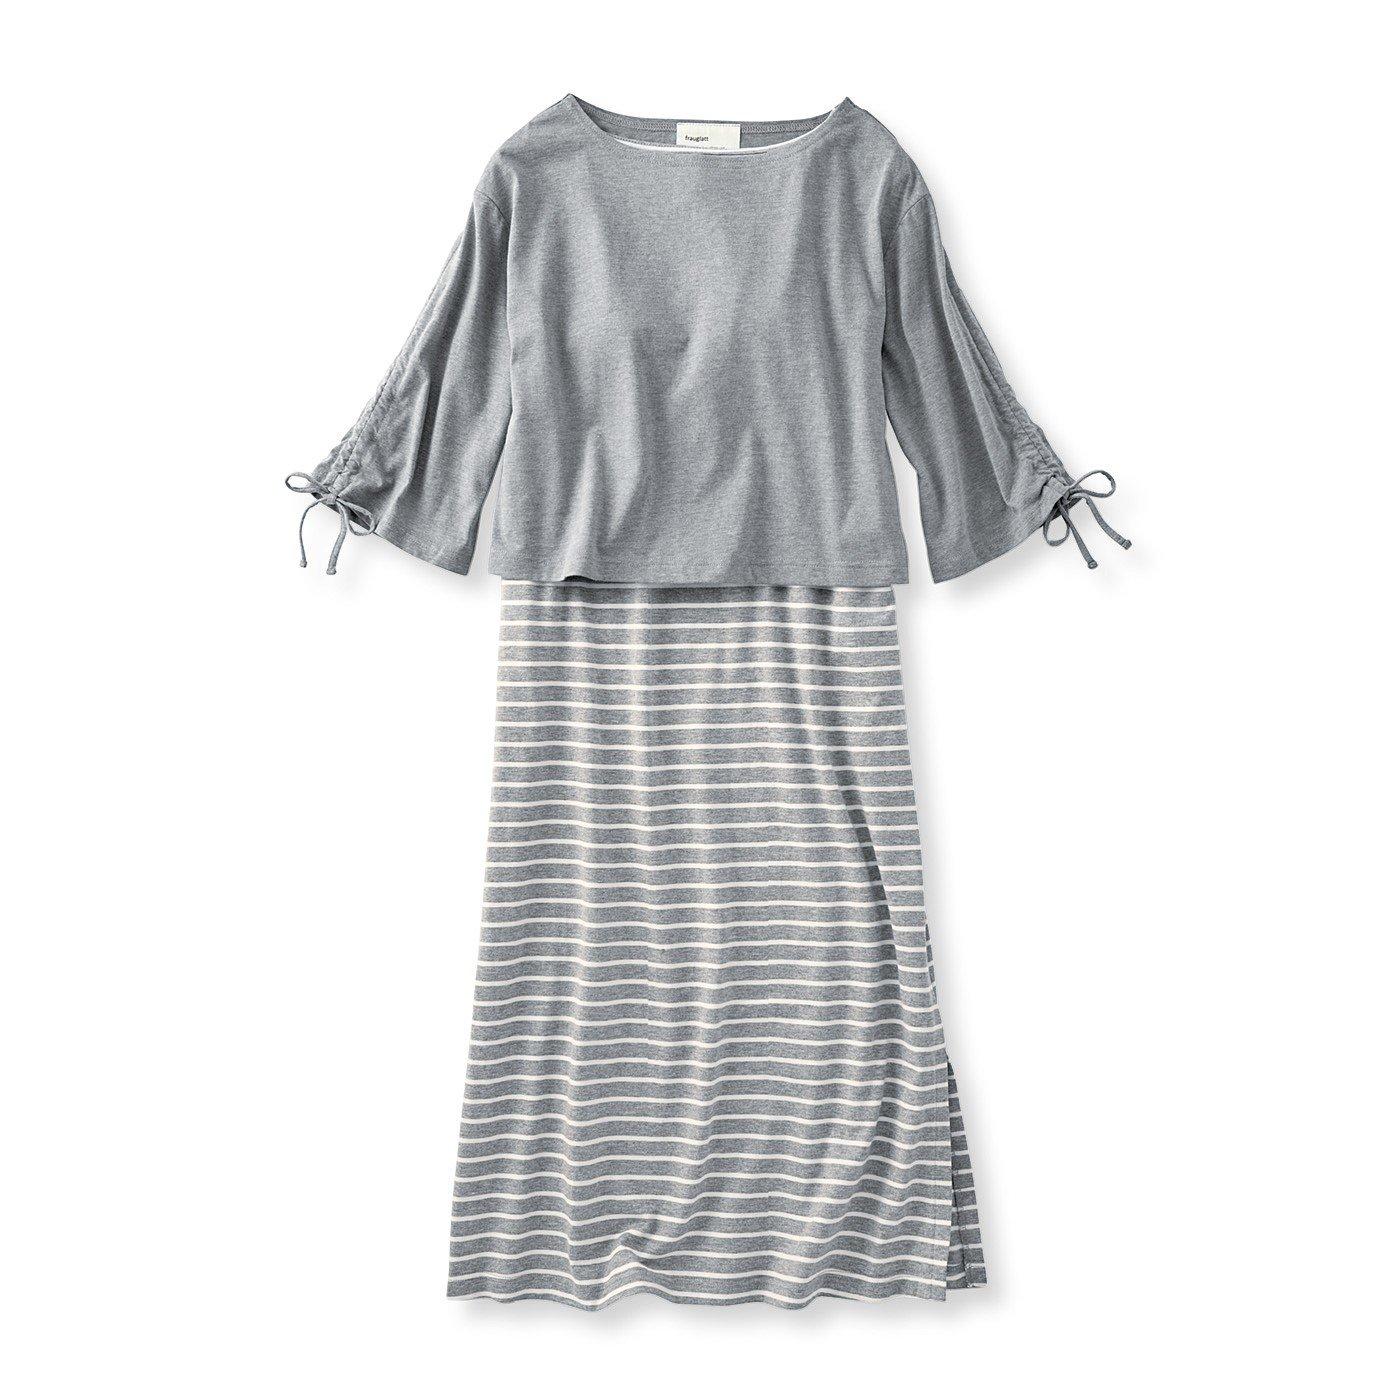 フラウグラット インナーメッシュでさわやか ブラカップ付きロングワンピ&七分袖Tシャツセット〈杢グレー〉